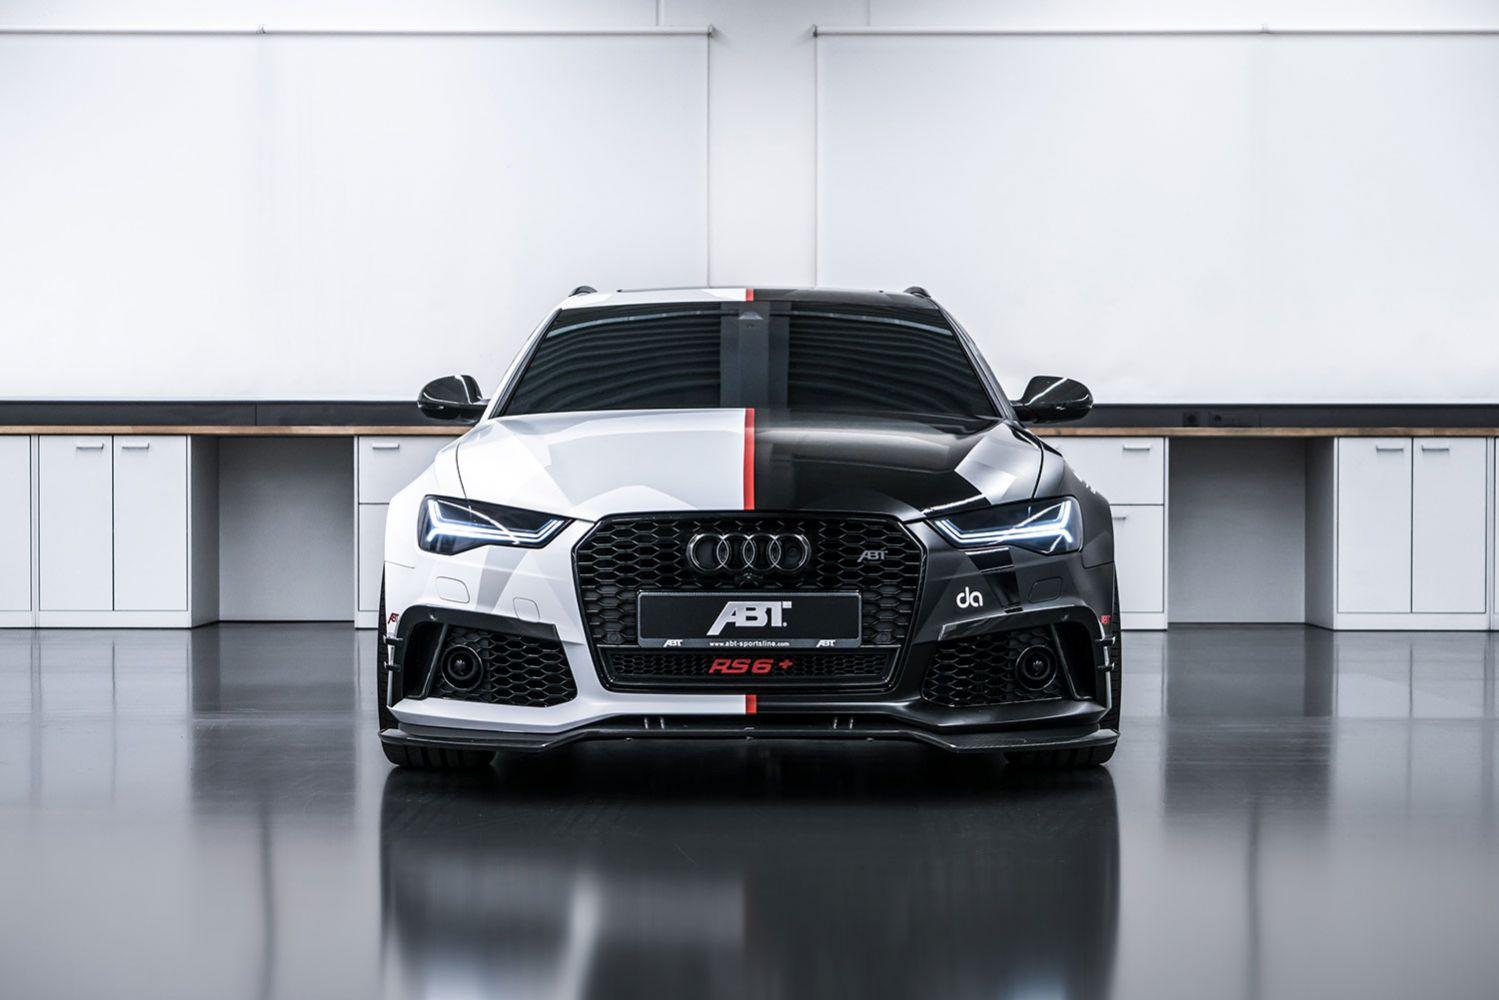 Abt Audi RS6+ von Jon Olsson (Foto: Abt Sportsline)